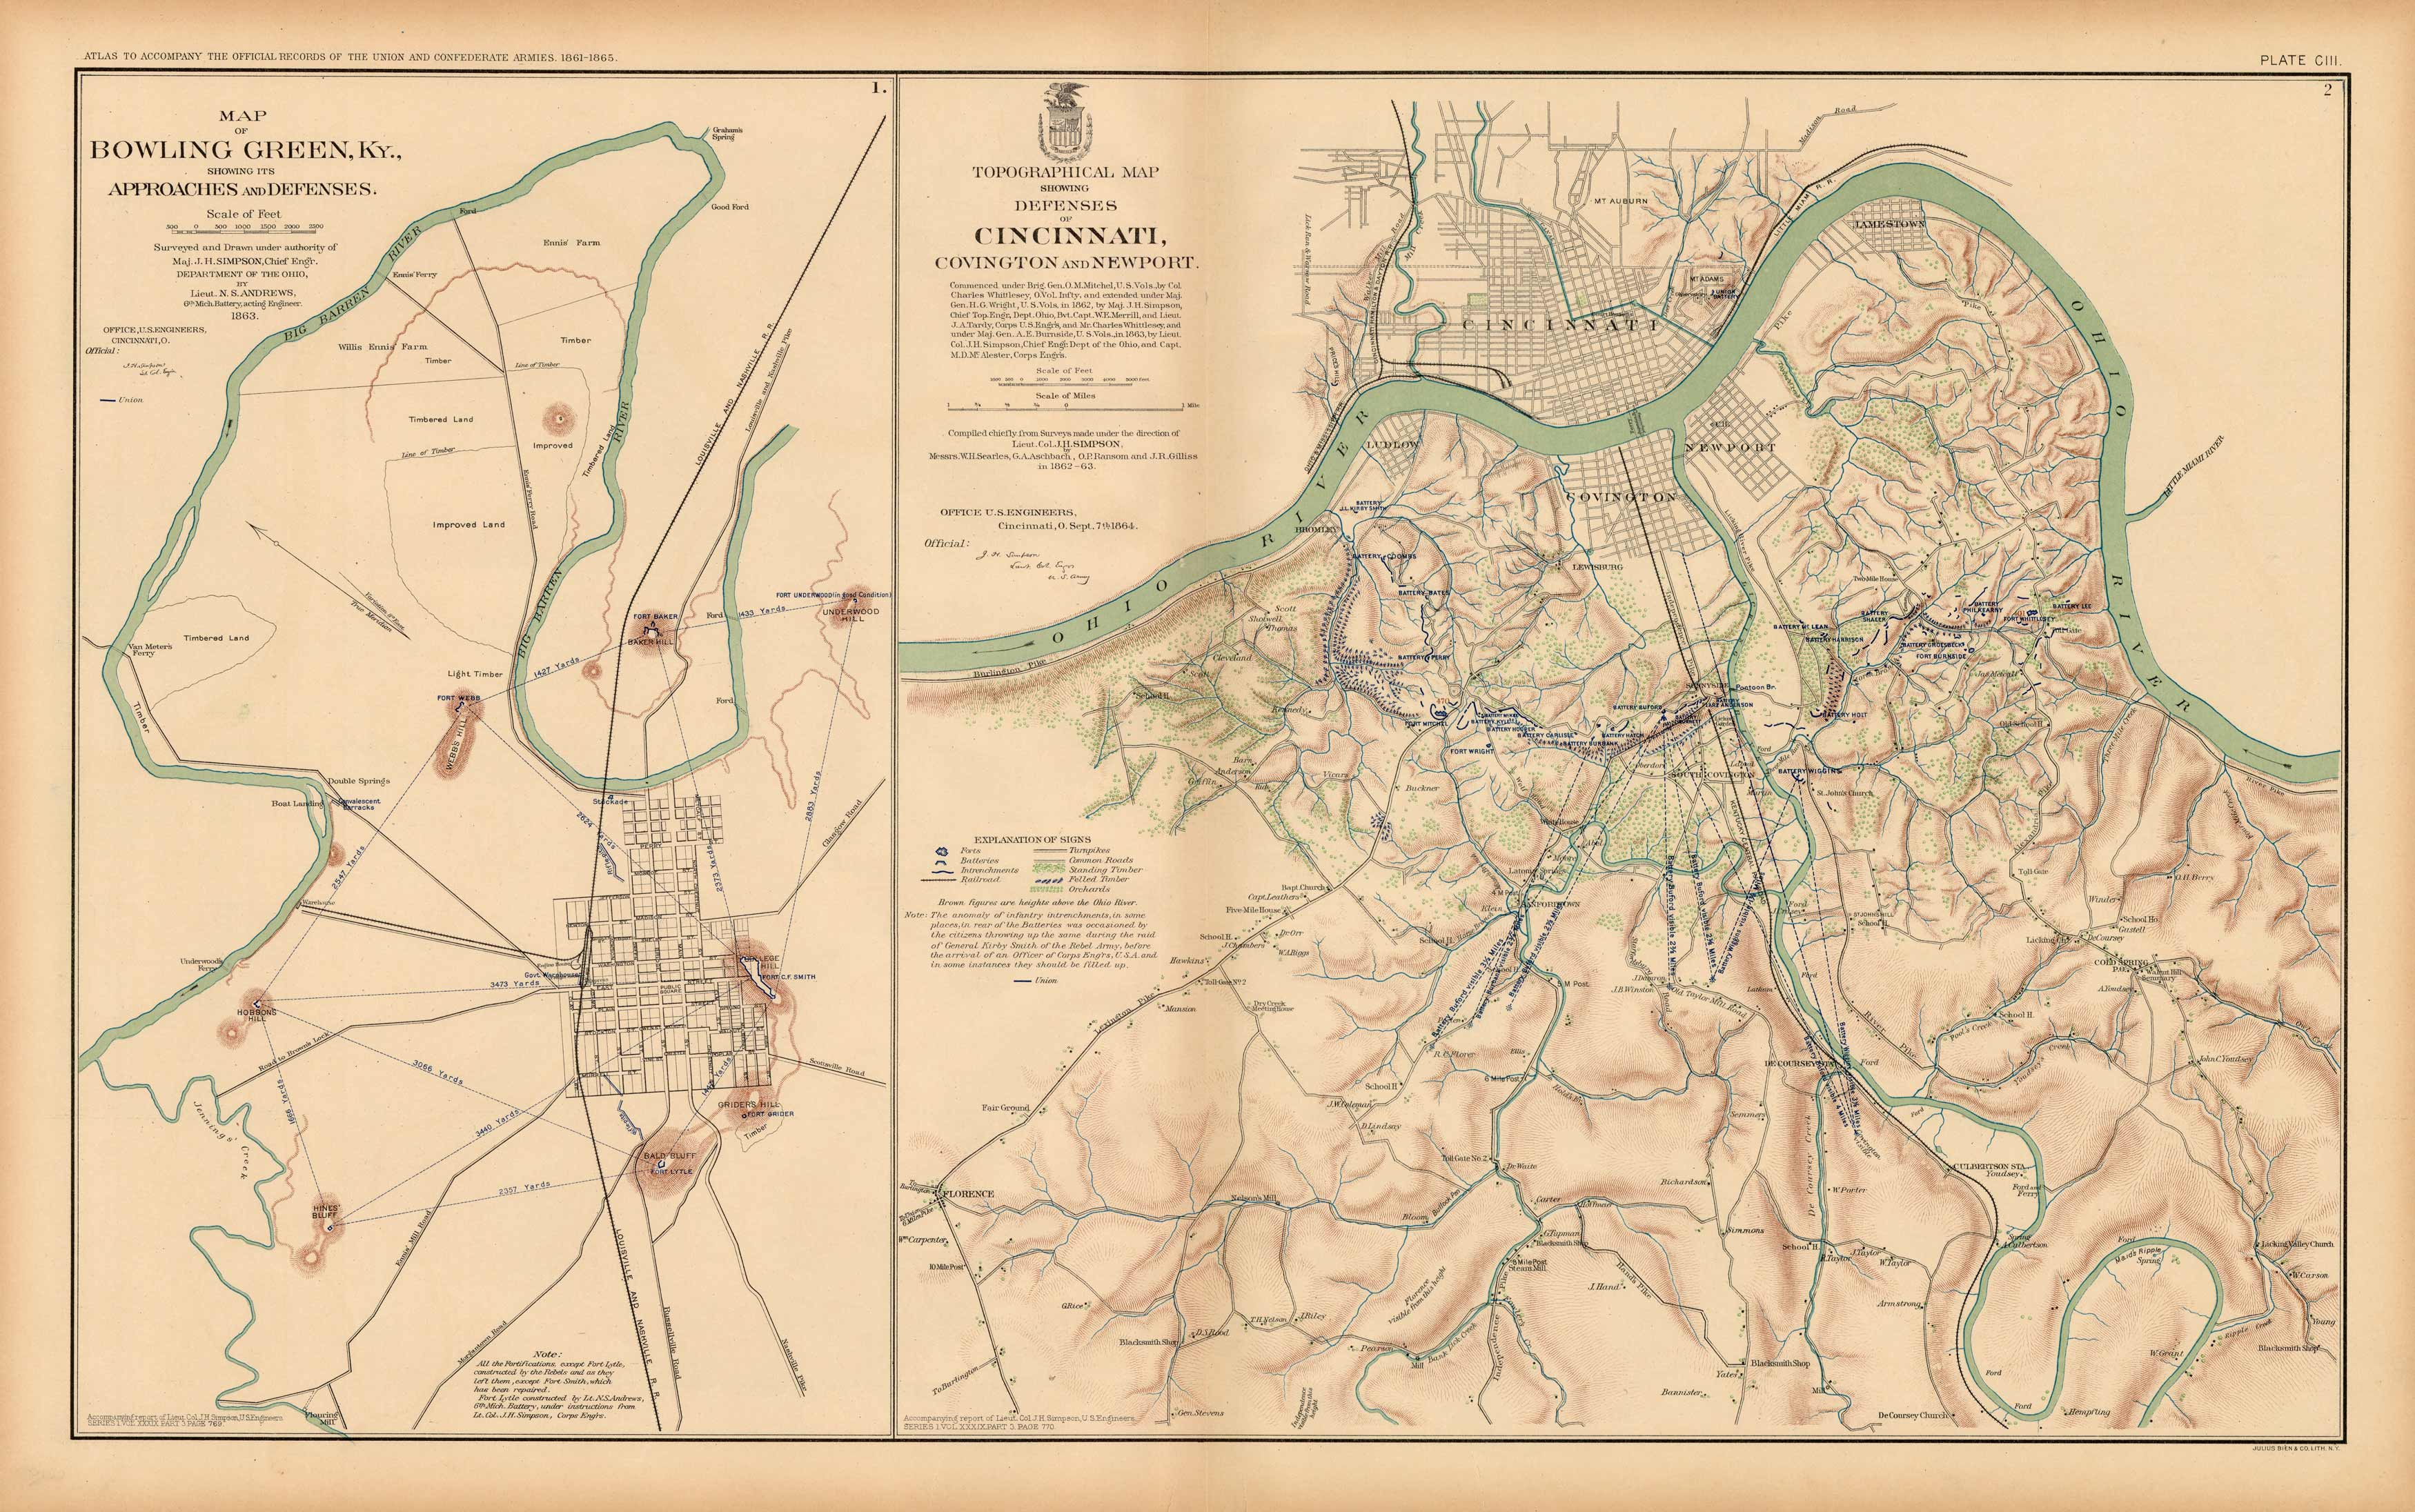 map of bowling green kentucky Civil War Atlas Plate 103 Map Of Bowling Green Ky Defenses Of map of bowling green kentucky